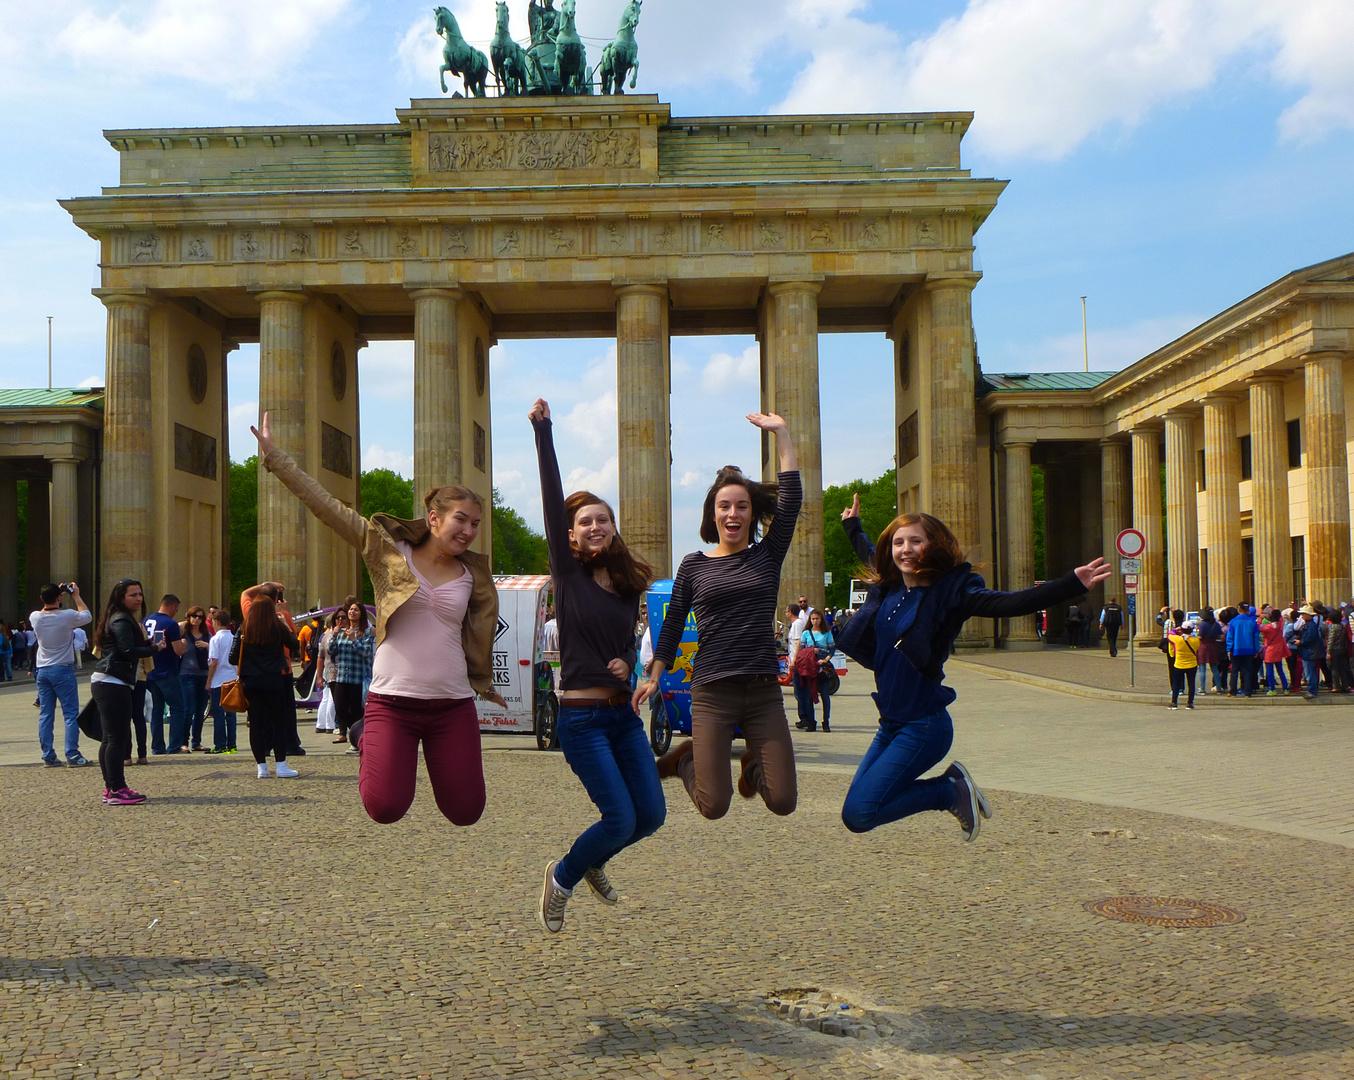 Kinder, ach wie is det fein, wieda in Berlin zu sein ...